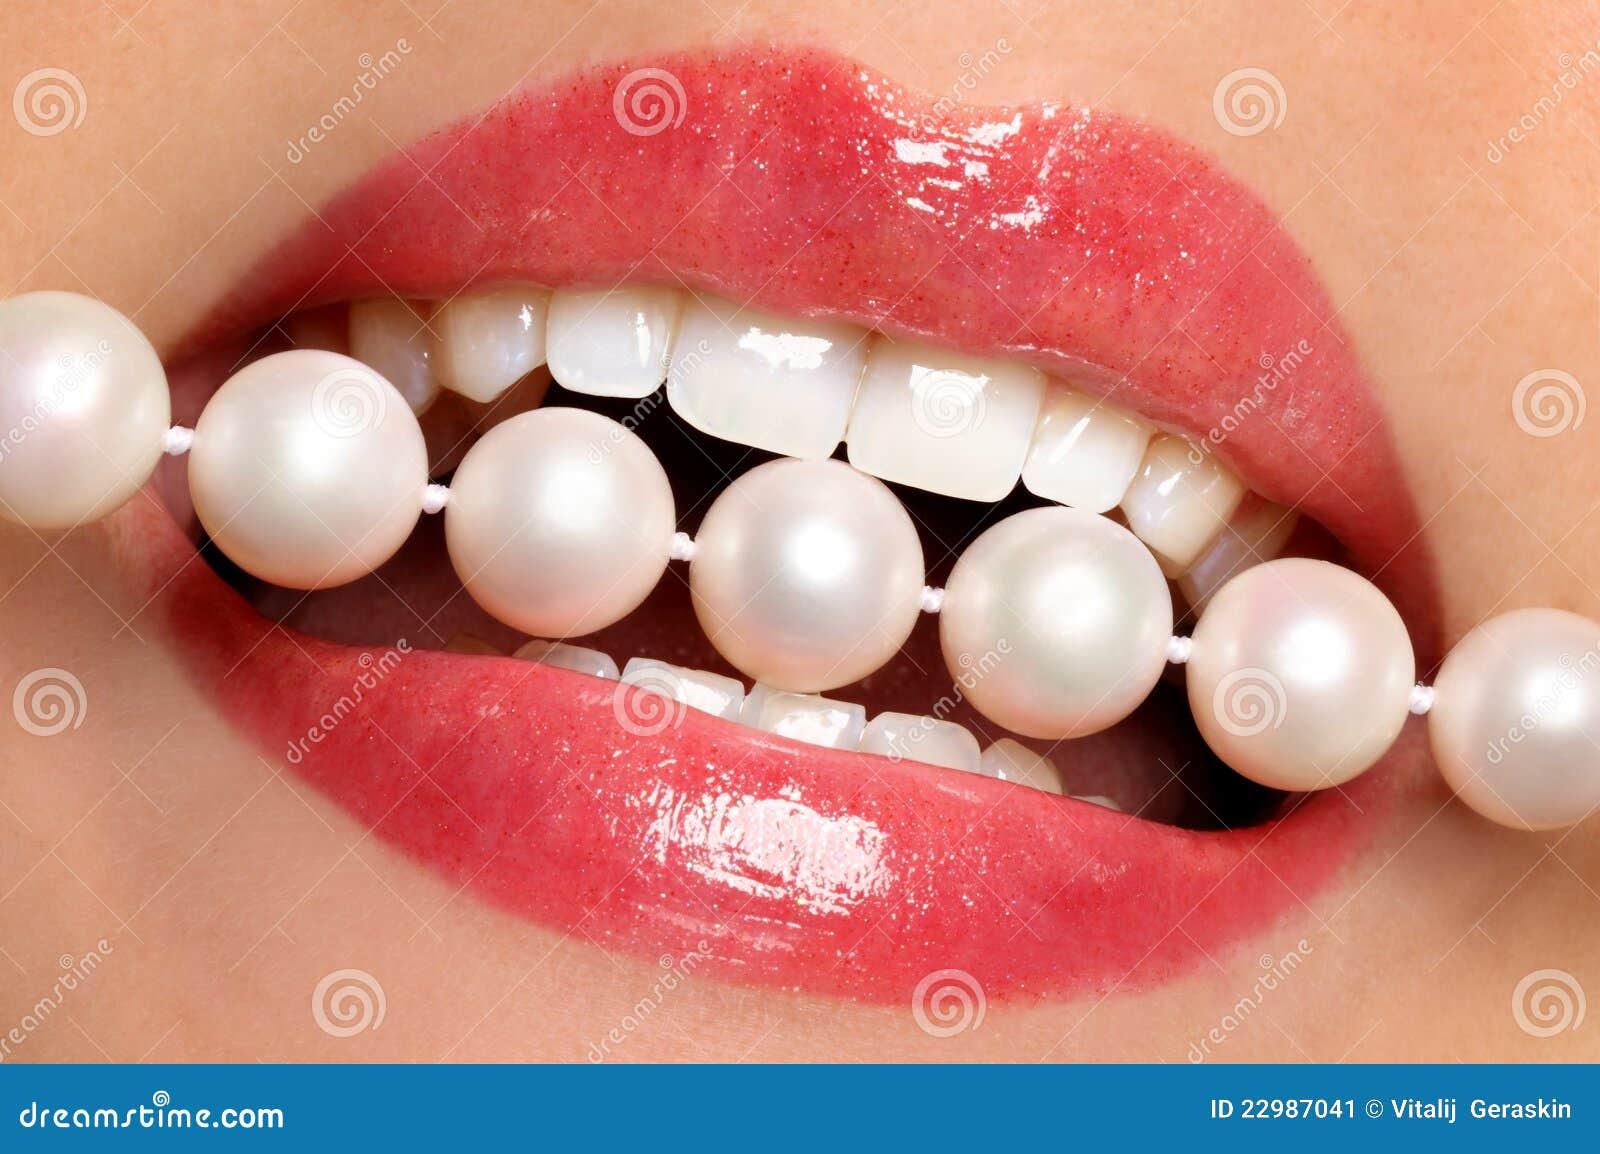 labios dientes: